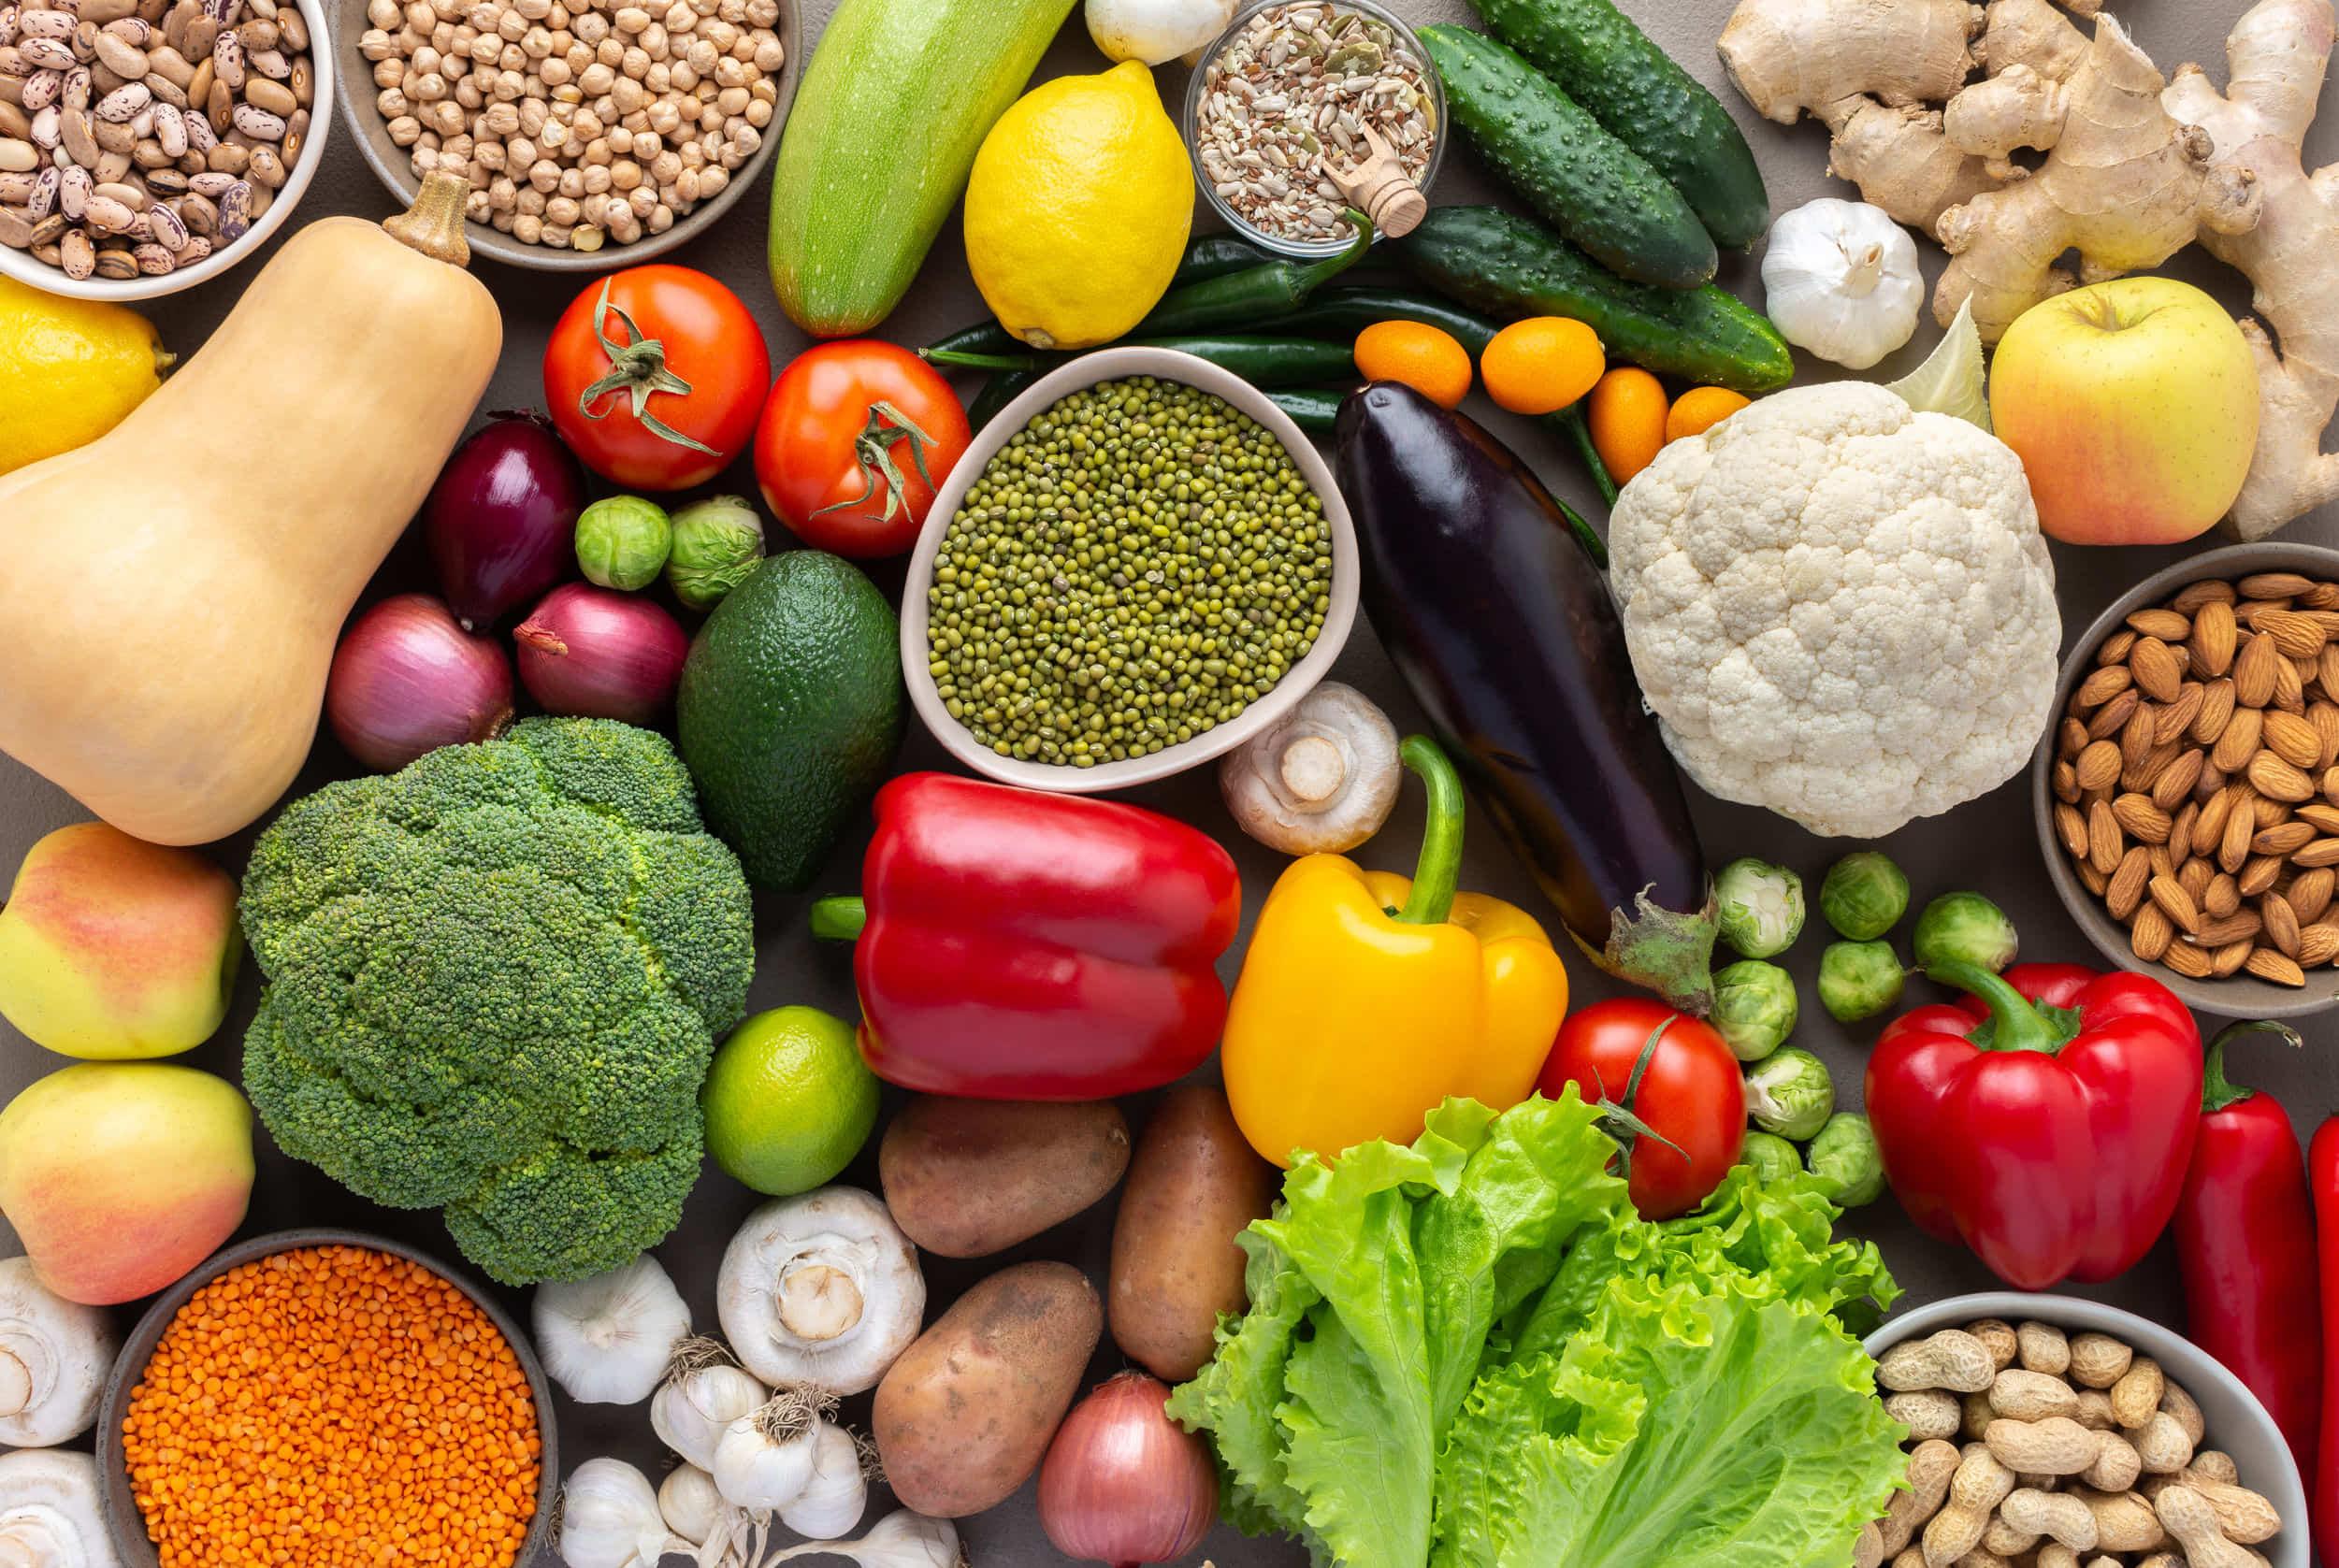 ハムスターにおすすめの野菜ベスト5!適量や与え方・注意点も紹介!